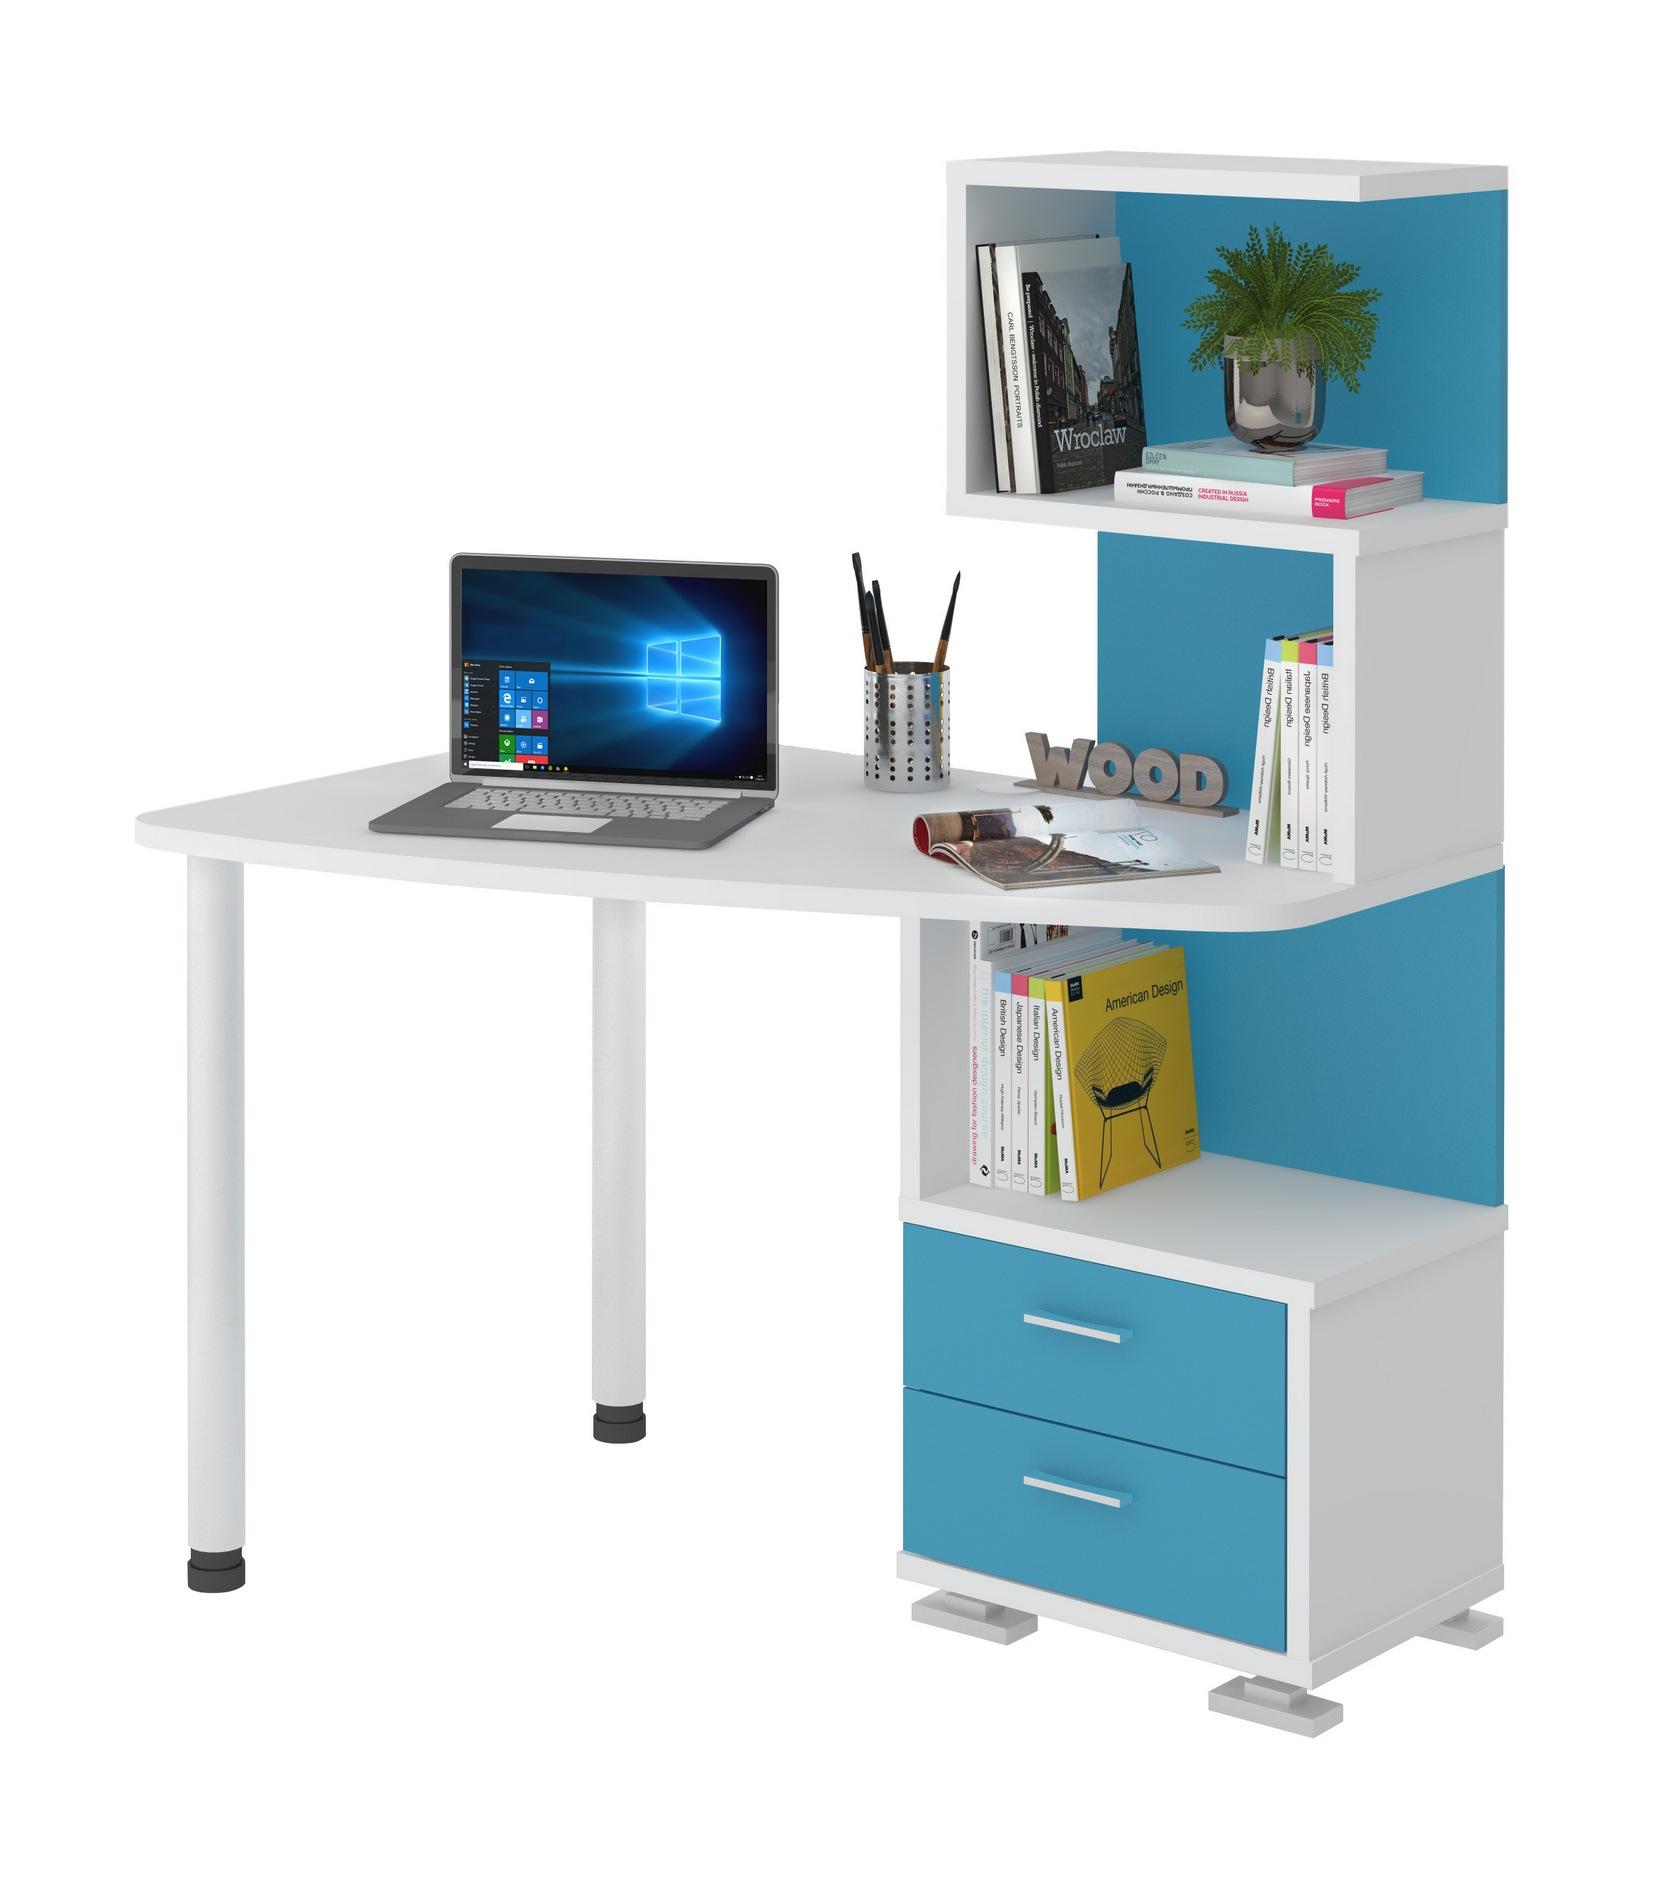 Синие компьютерные столы со шкафом с полками мэрдэс mebhome..